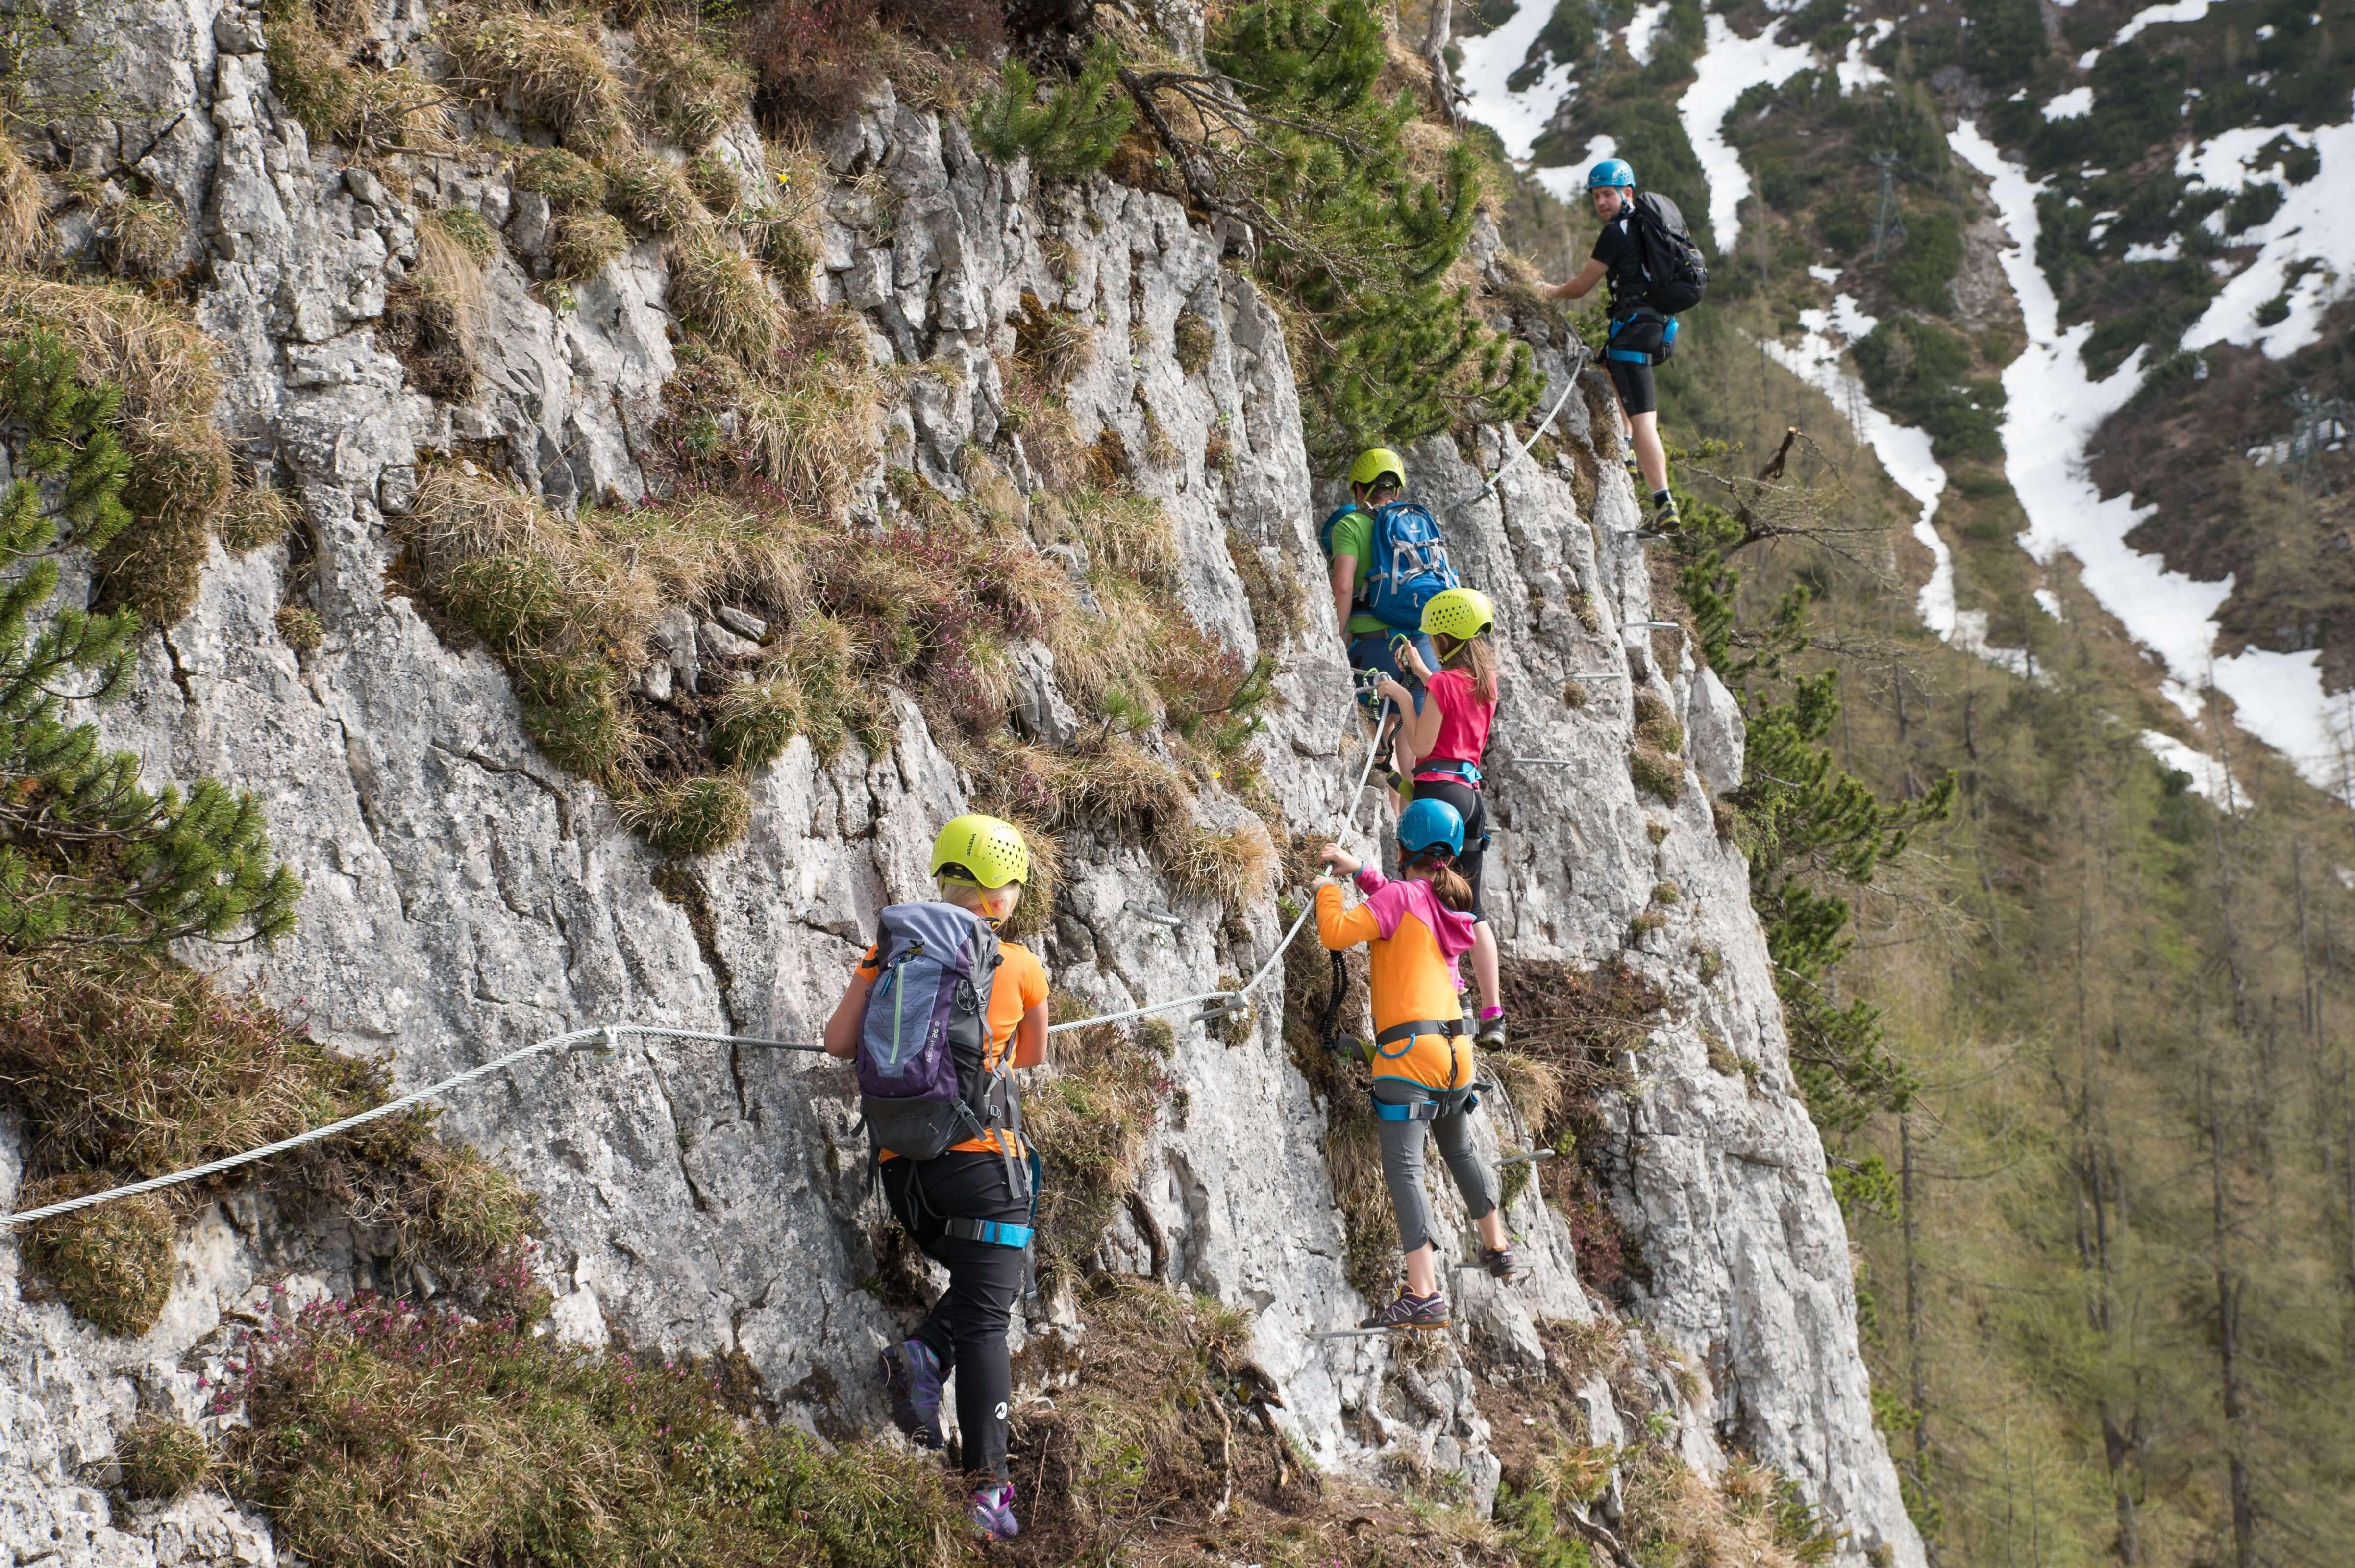 Klettersteig Schützensteig am Kleinen Jenner, Berchtesgadener Land